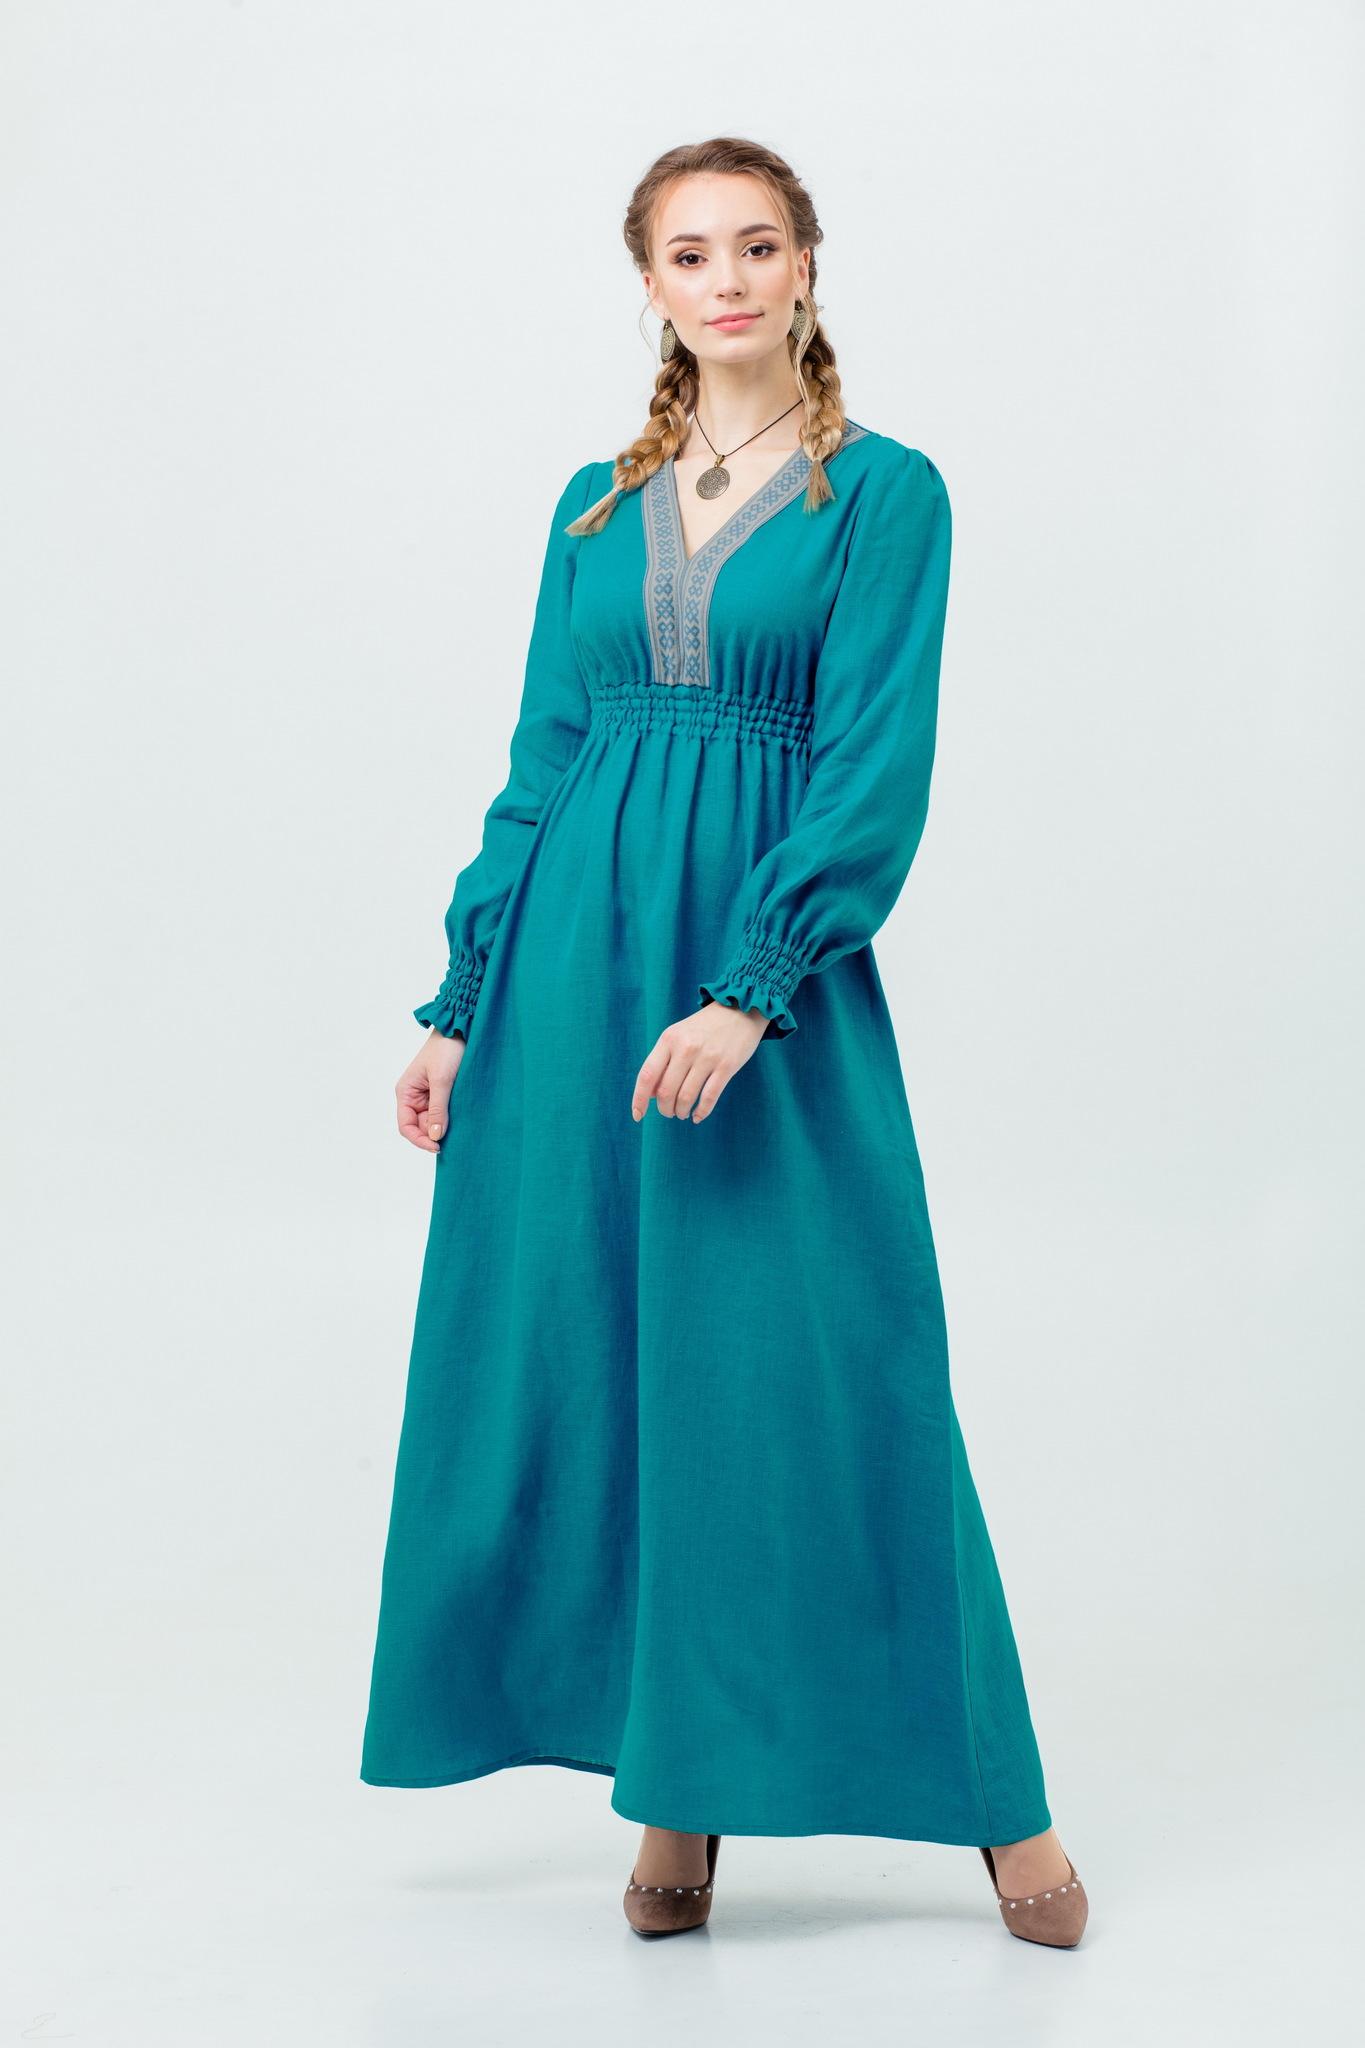 Платье льняное Лунный свет в русском стиле